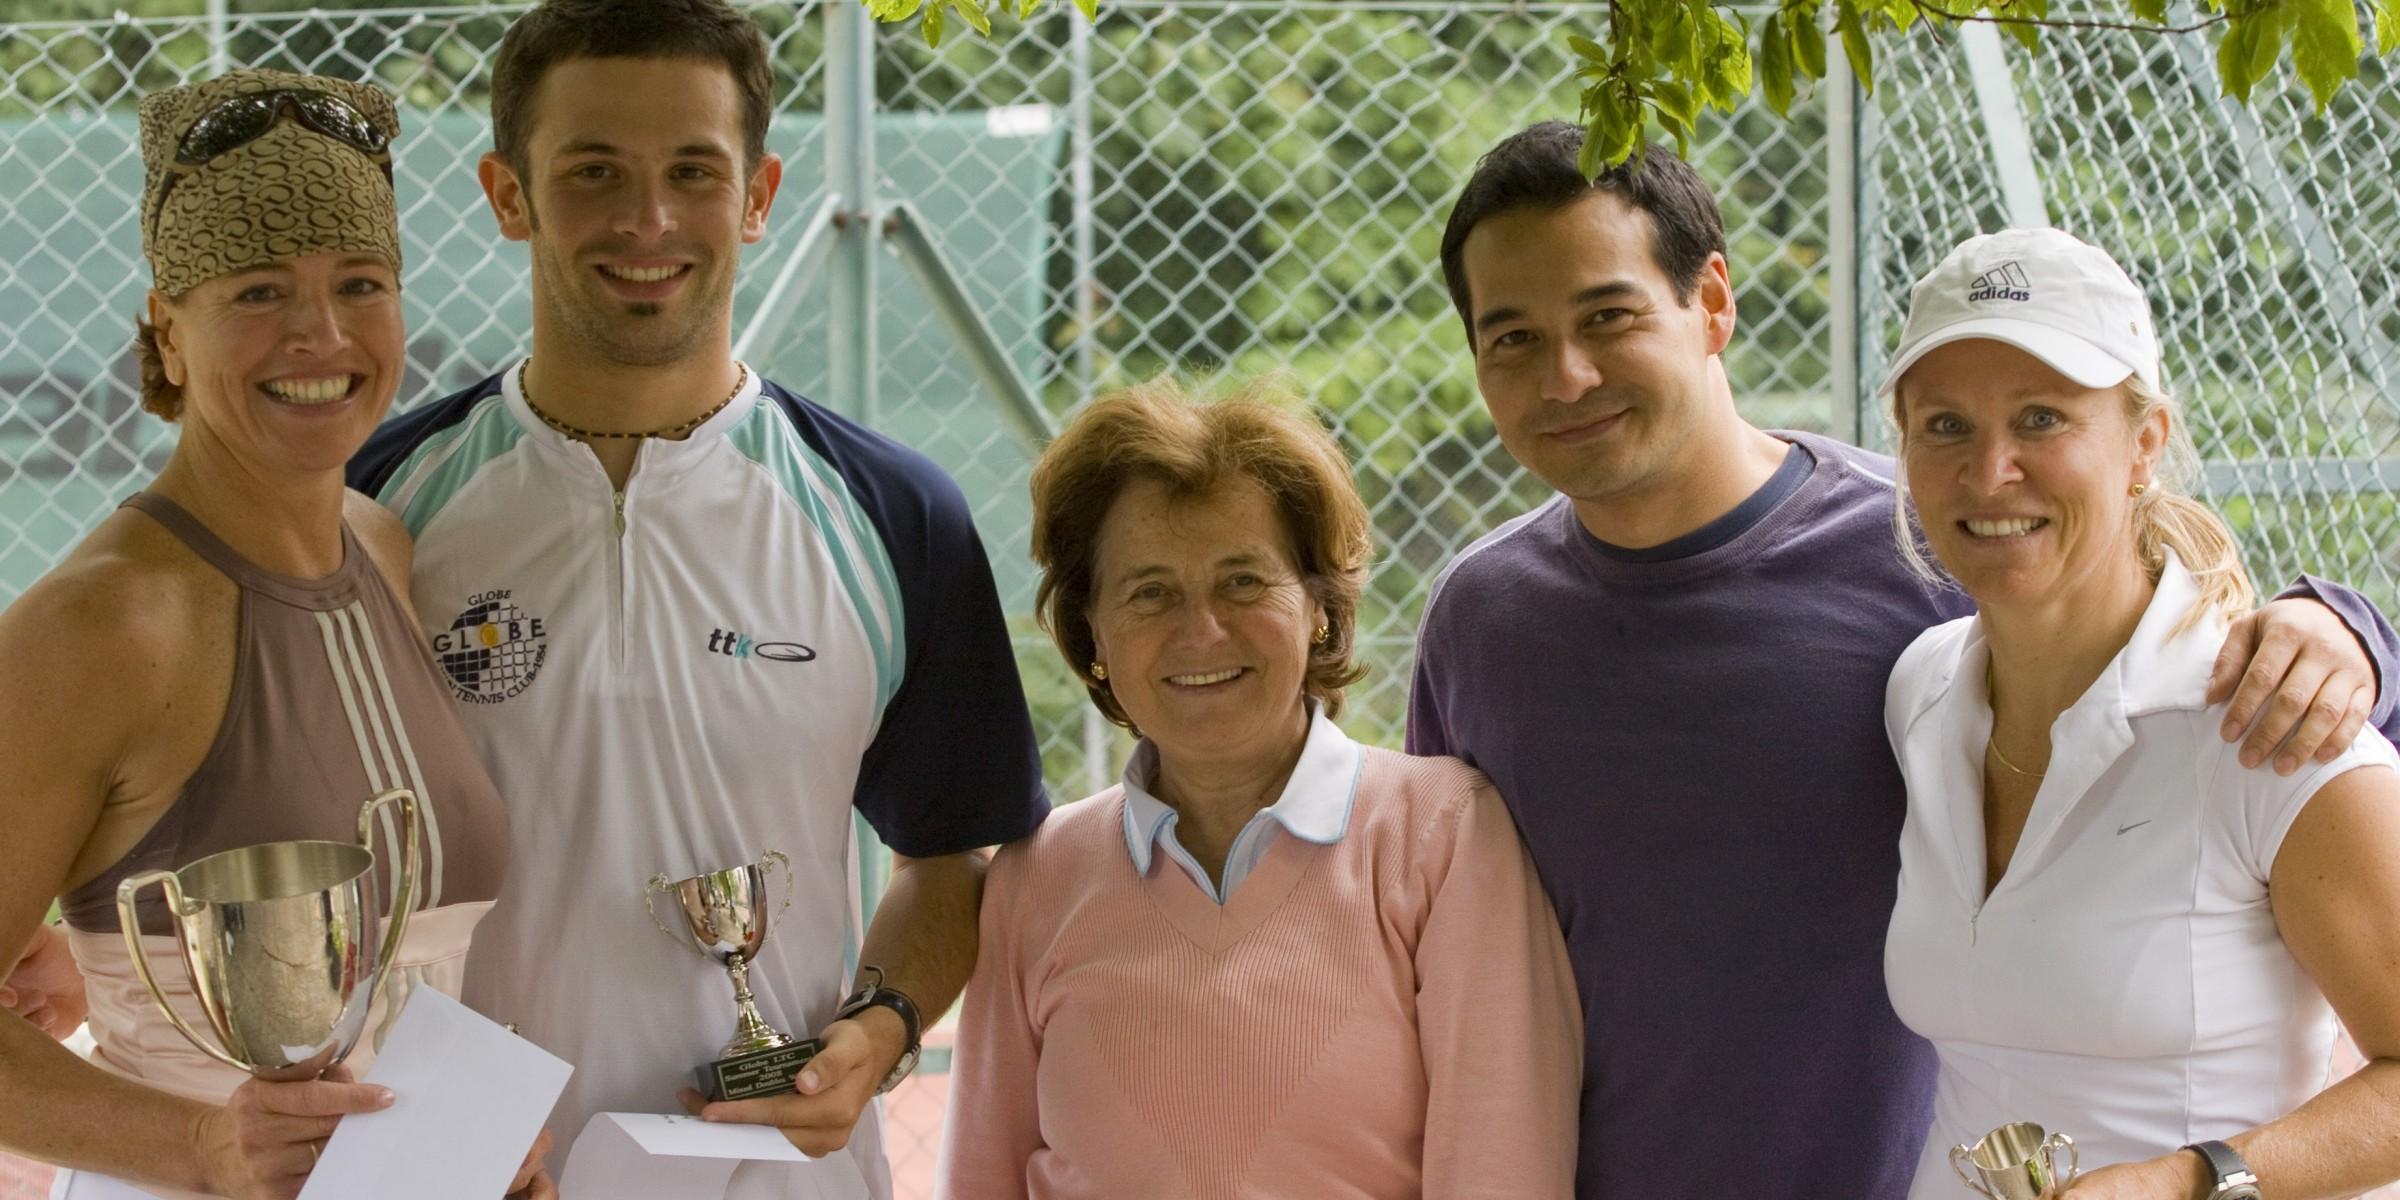 Globe Lawn Tennis Club